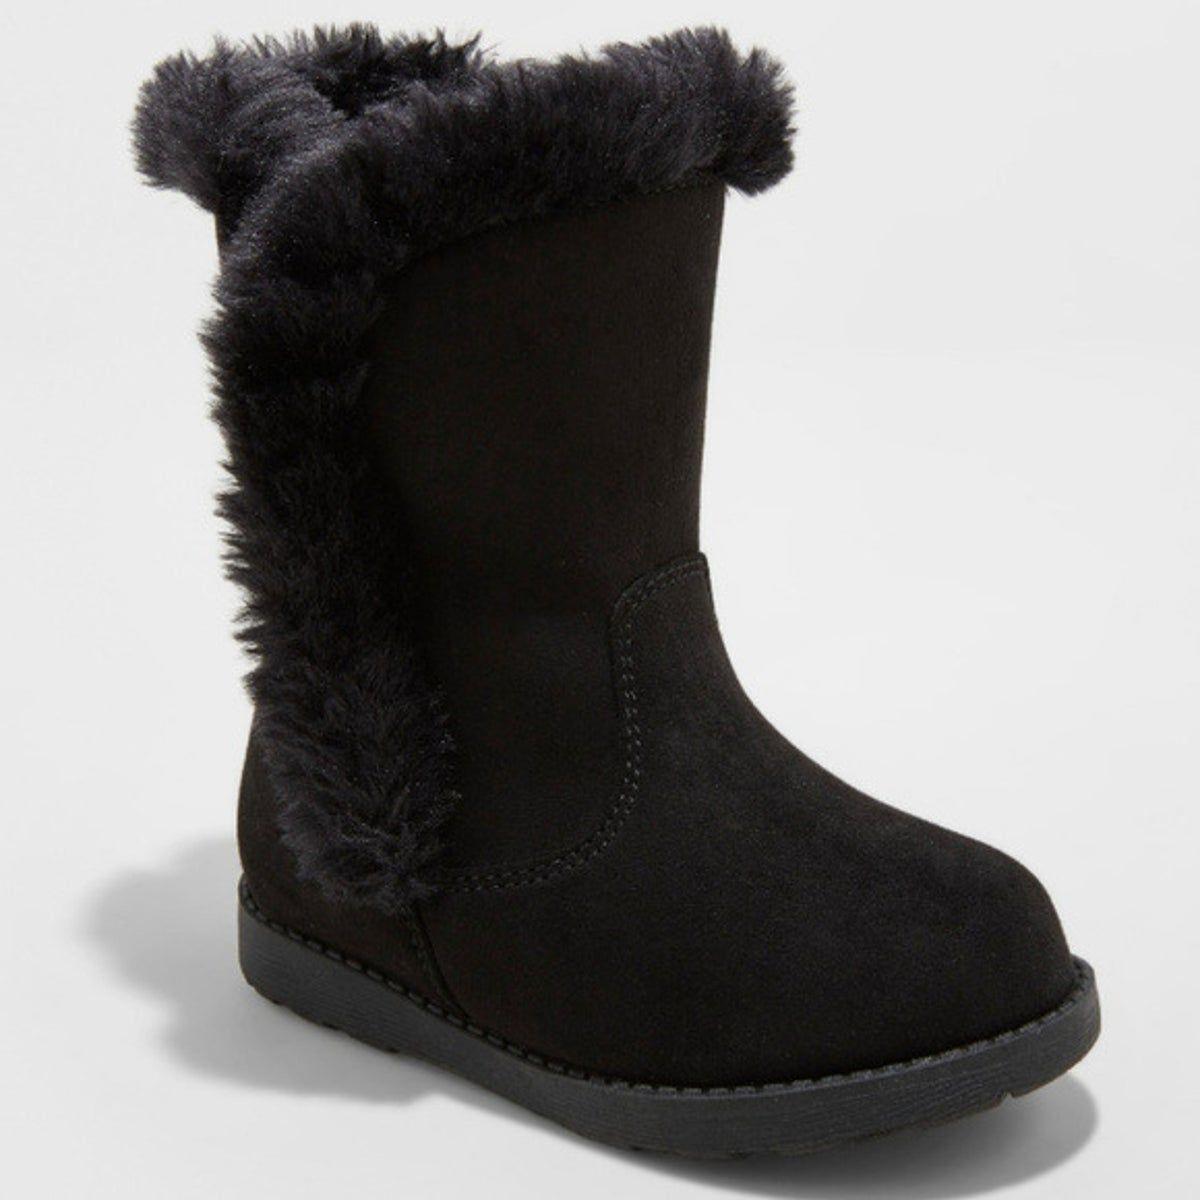 Toddler Katrina Fleece Boots Black 4